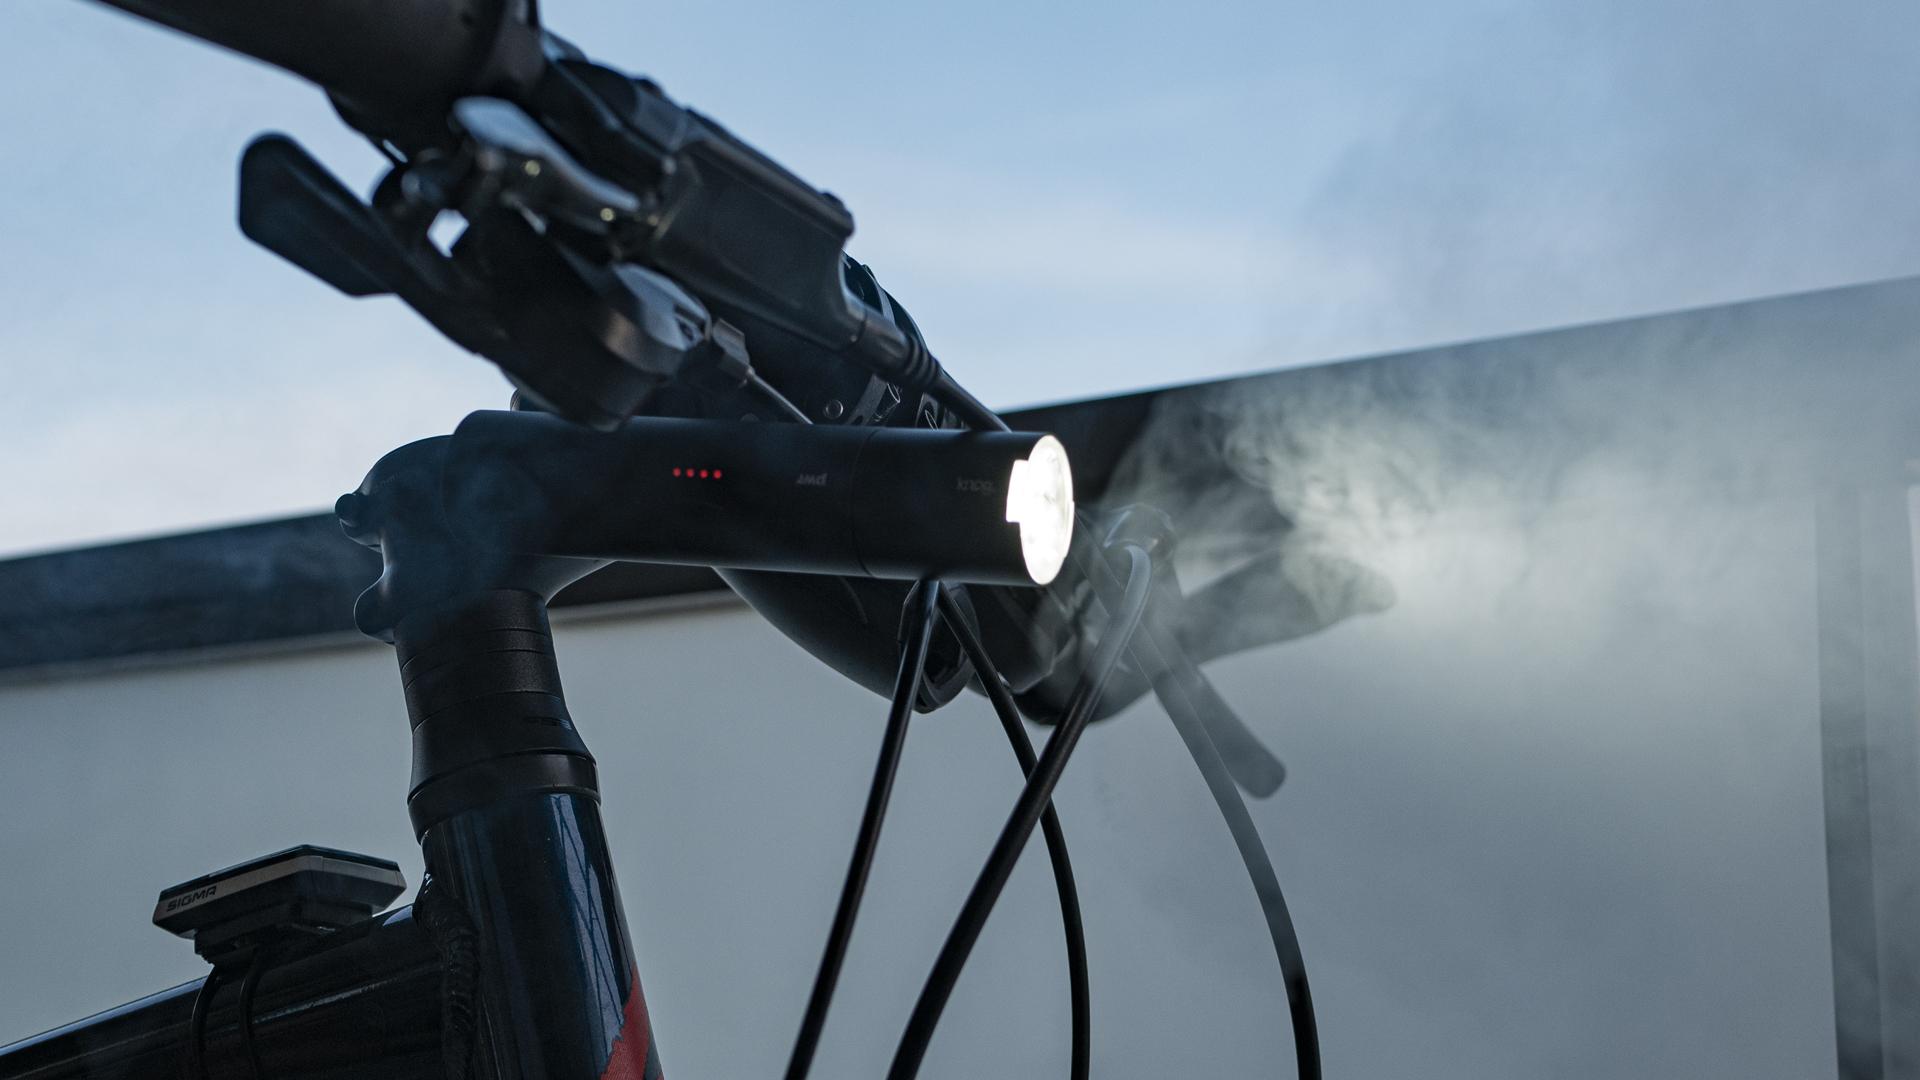 Éclairage vélo : réglementation et conseils 1